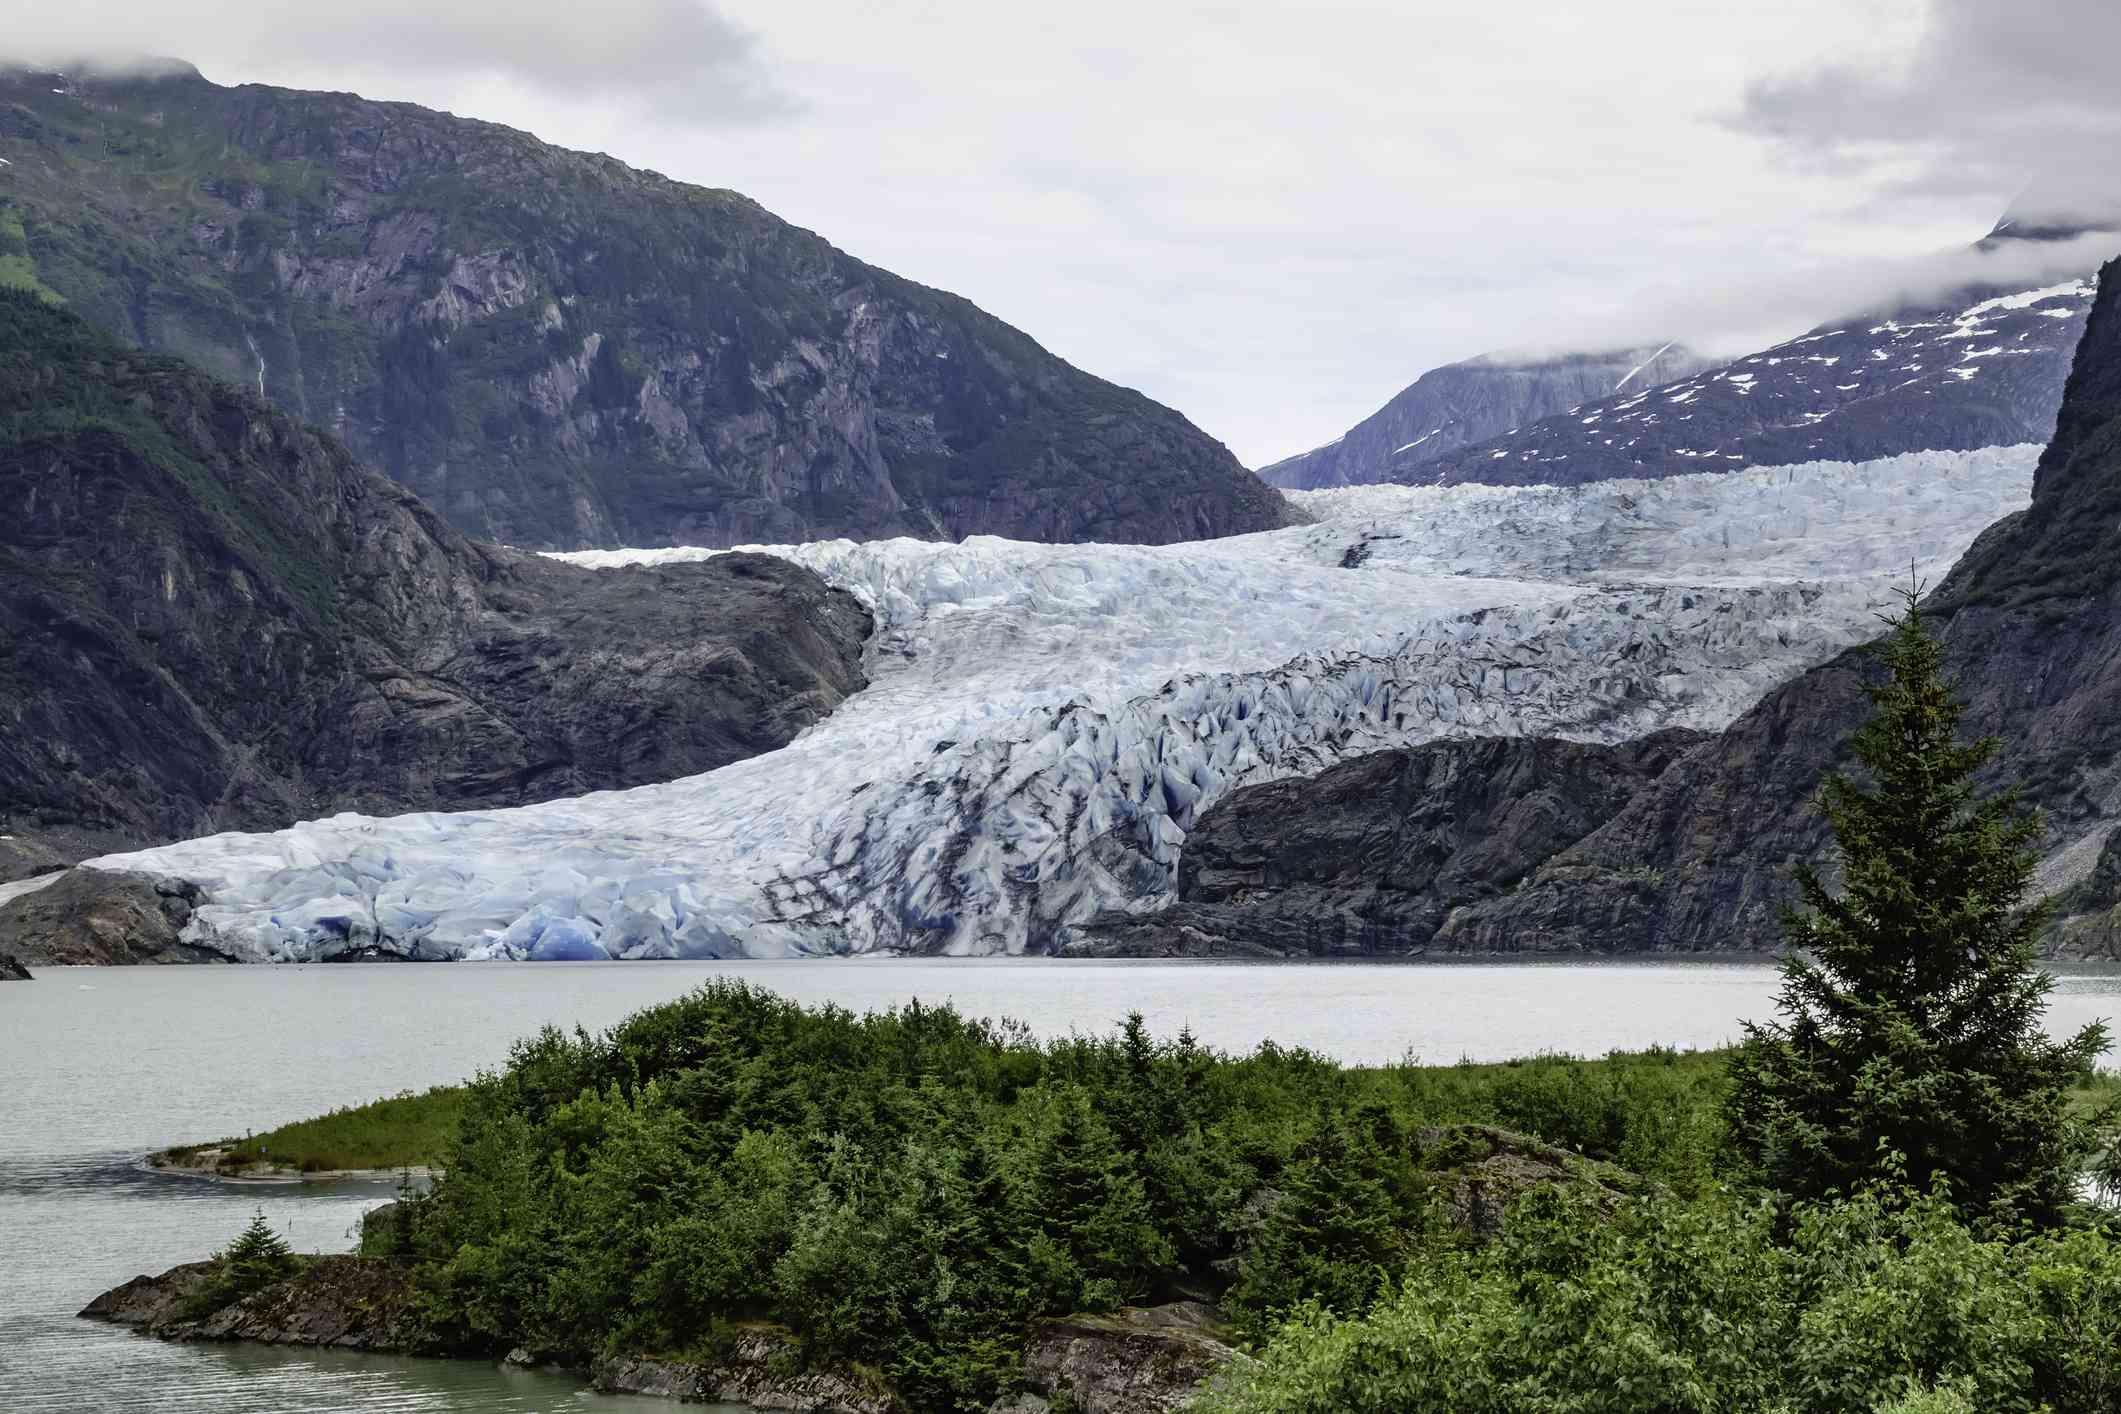 Terminus of Mendenhall Glacier near Juneau, Alaska, in summer